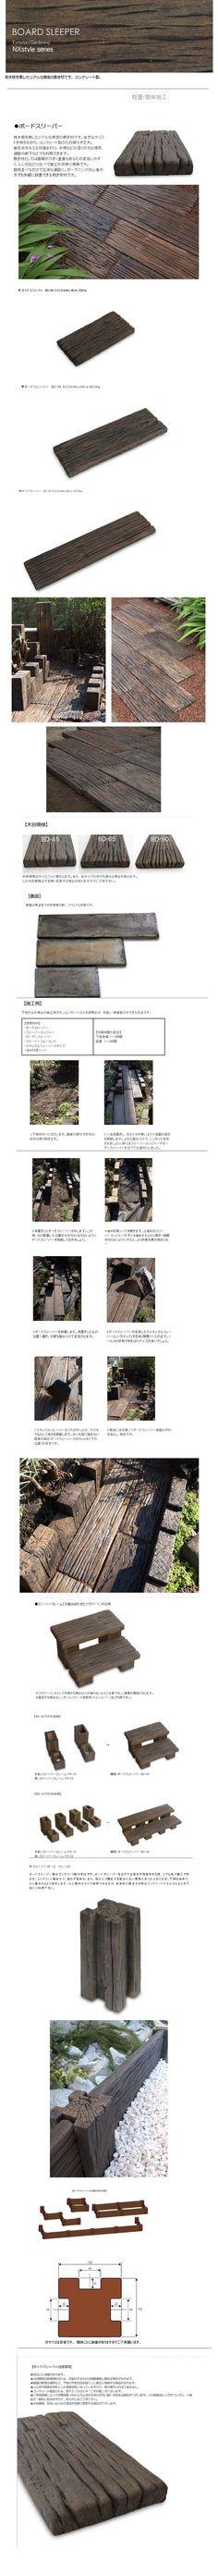 コンクリート製枕木: